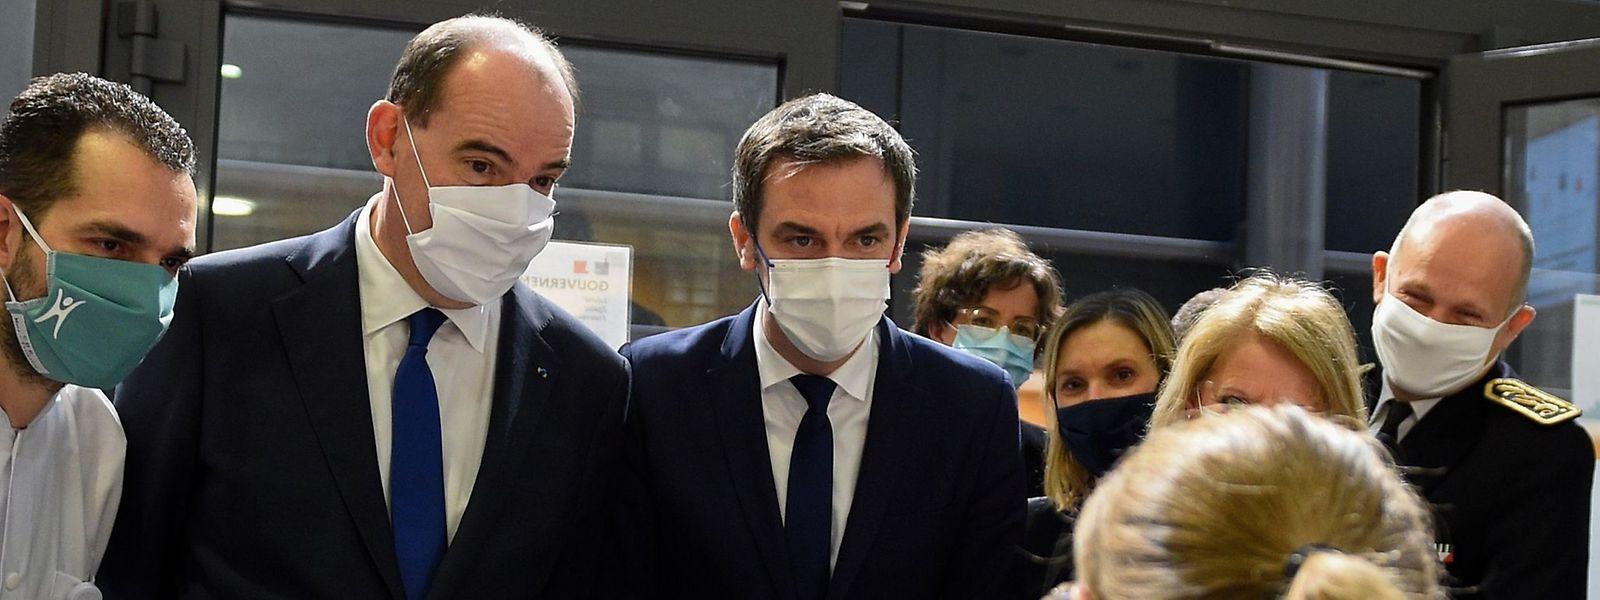 Olivier Véran a accompagné le Premier ministre Jean Castex en déplacement au CHR Metz-Thionville ce jeudi matin.